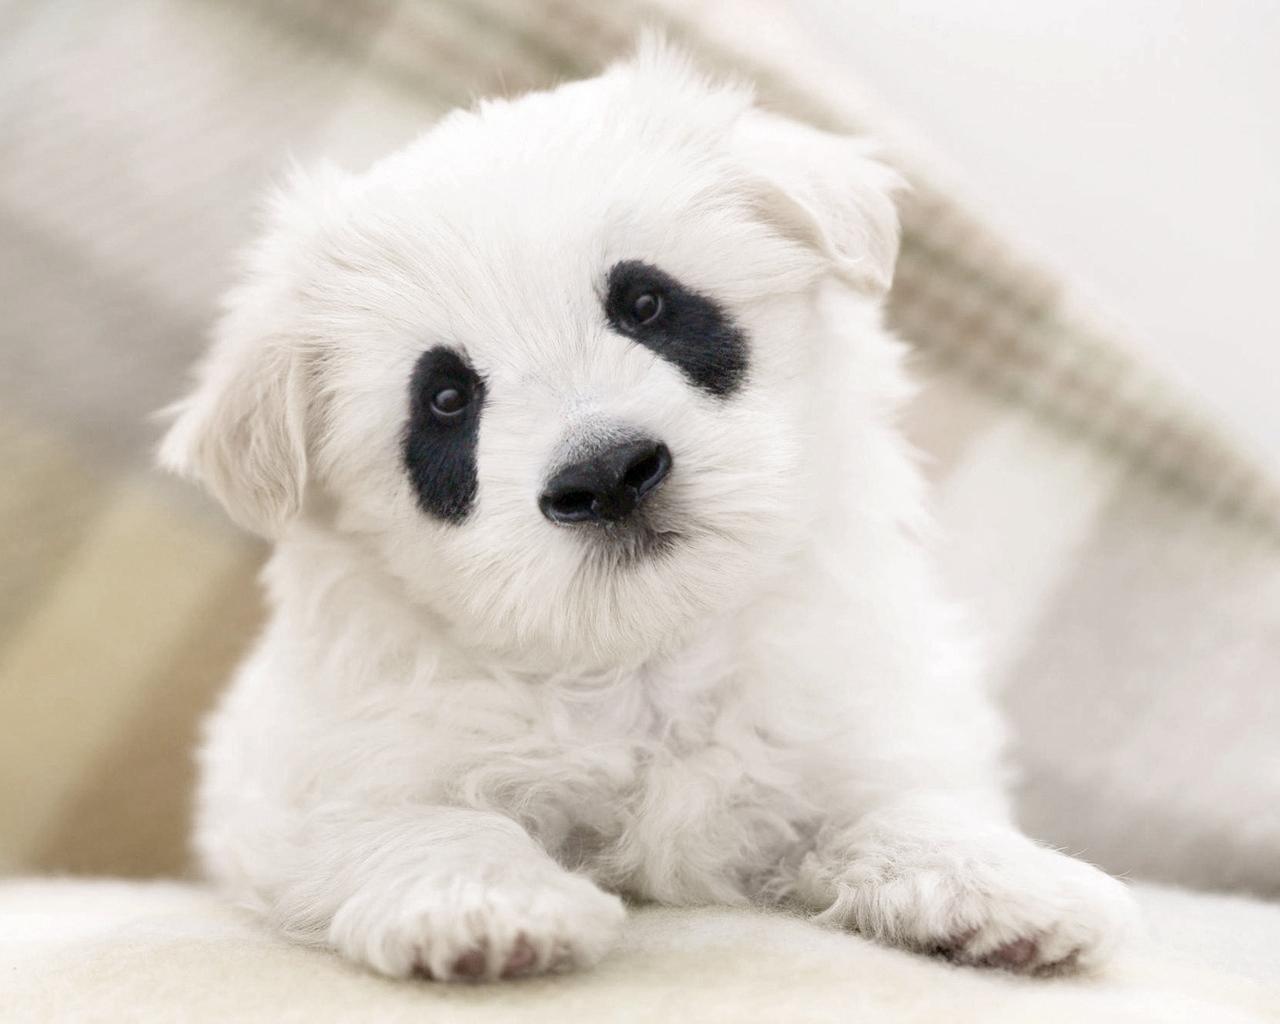 la-gran-moda-de-los-perros-panda-en-china-manchas